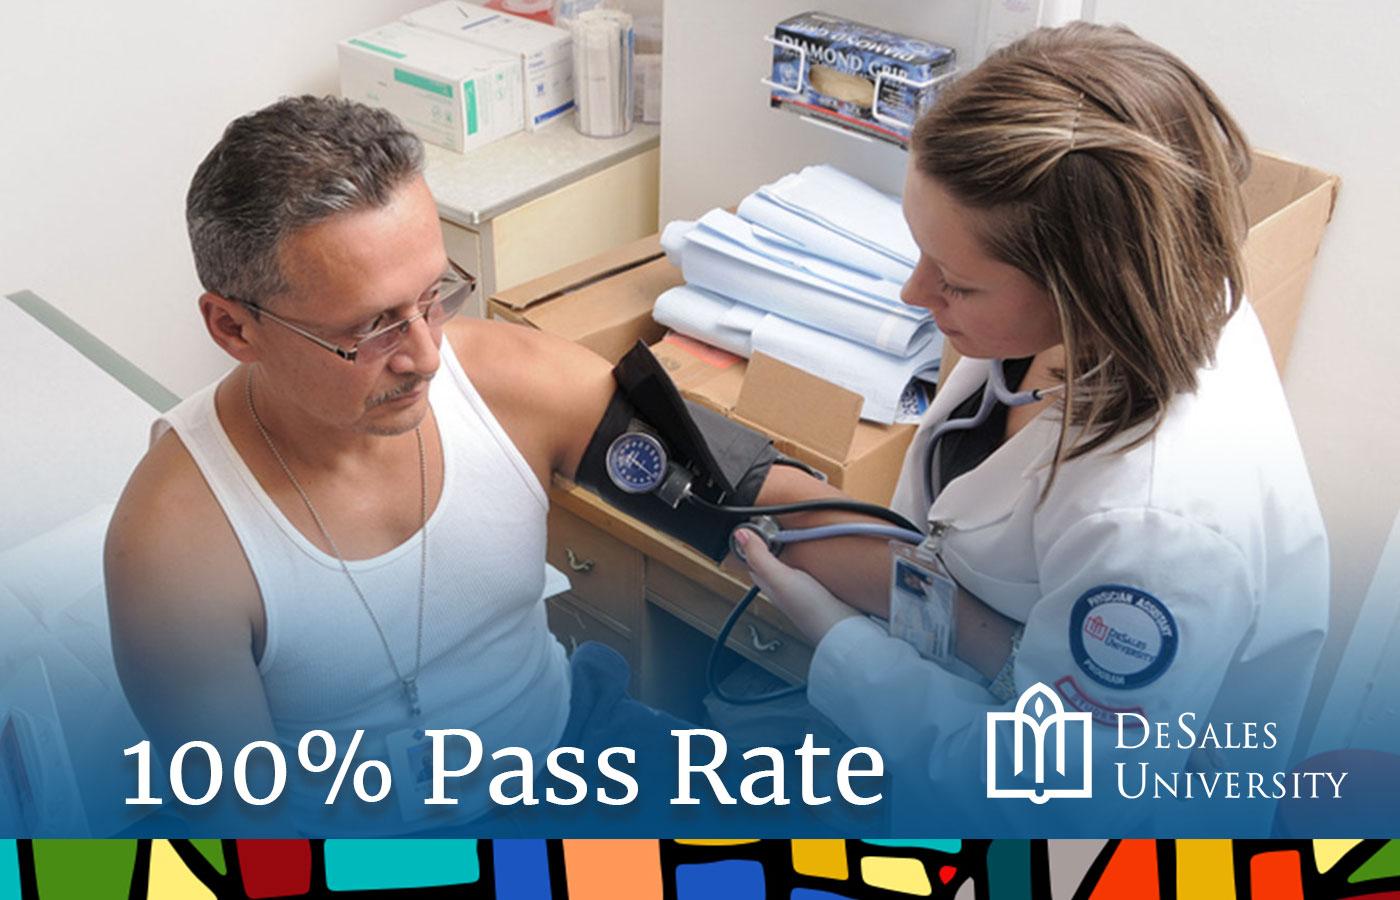 desales-pa-progam-100-pass-rate